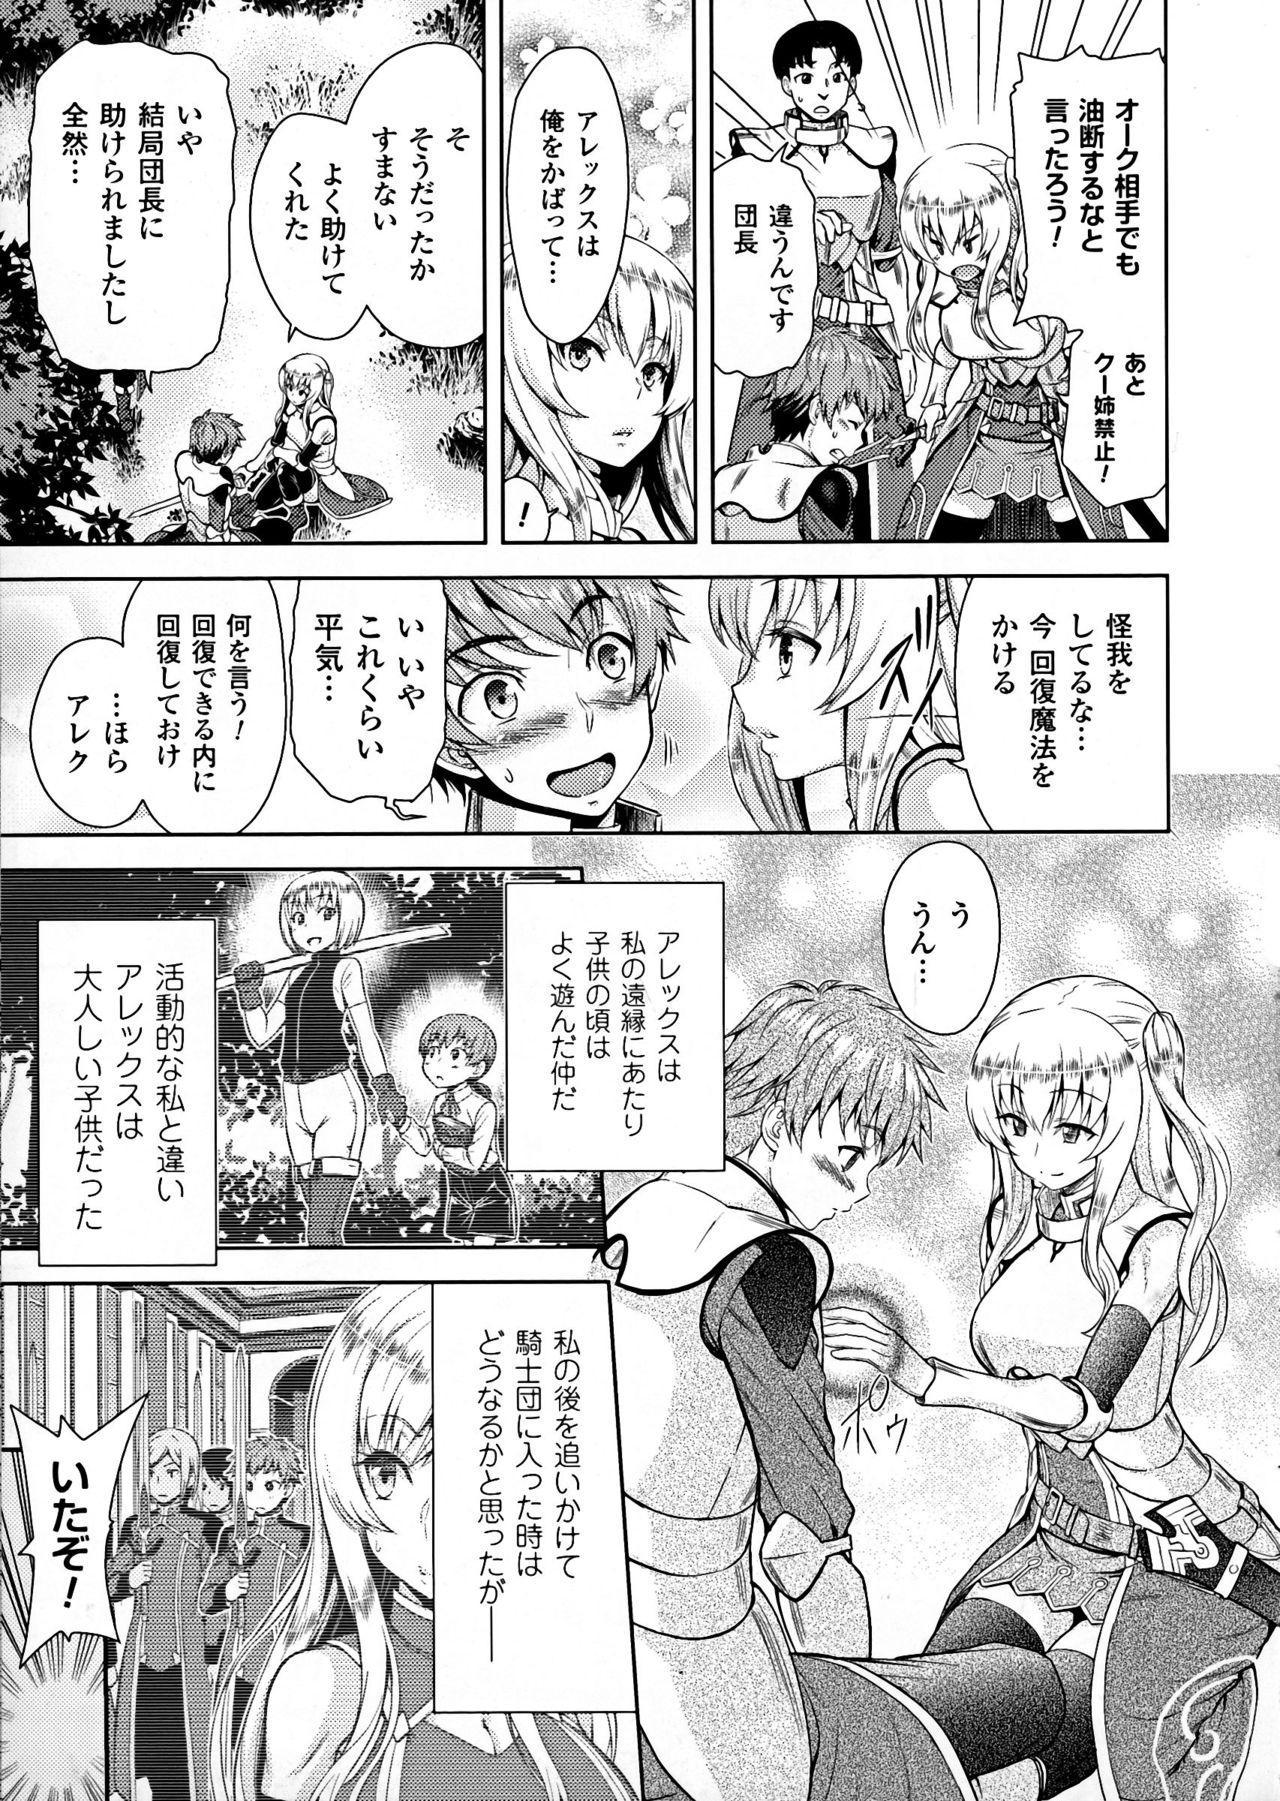 ERONA Orc no Inmon ni Okasareta Onna Kishi no Matsuro Ch. 1-6 4